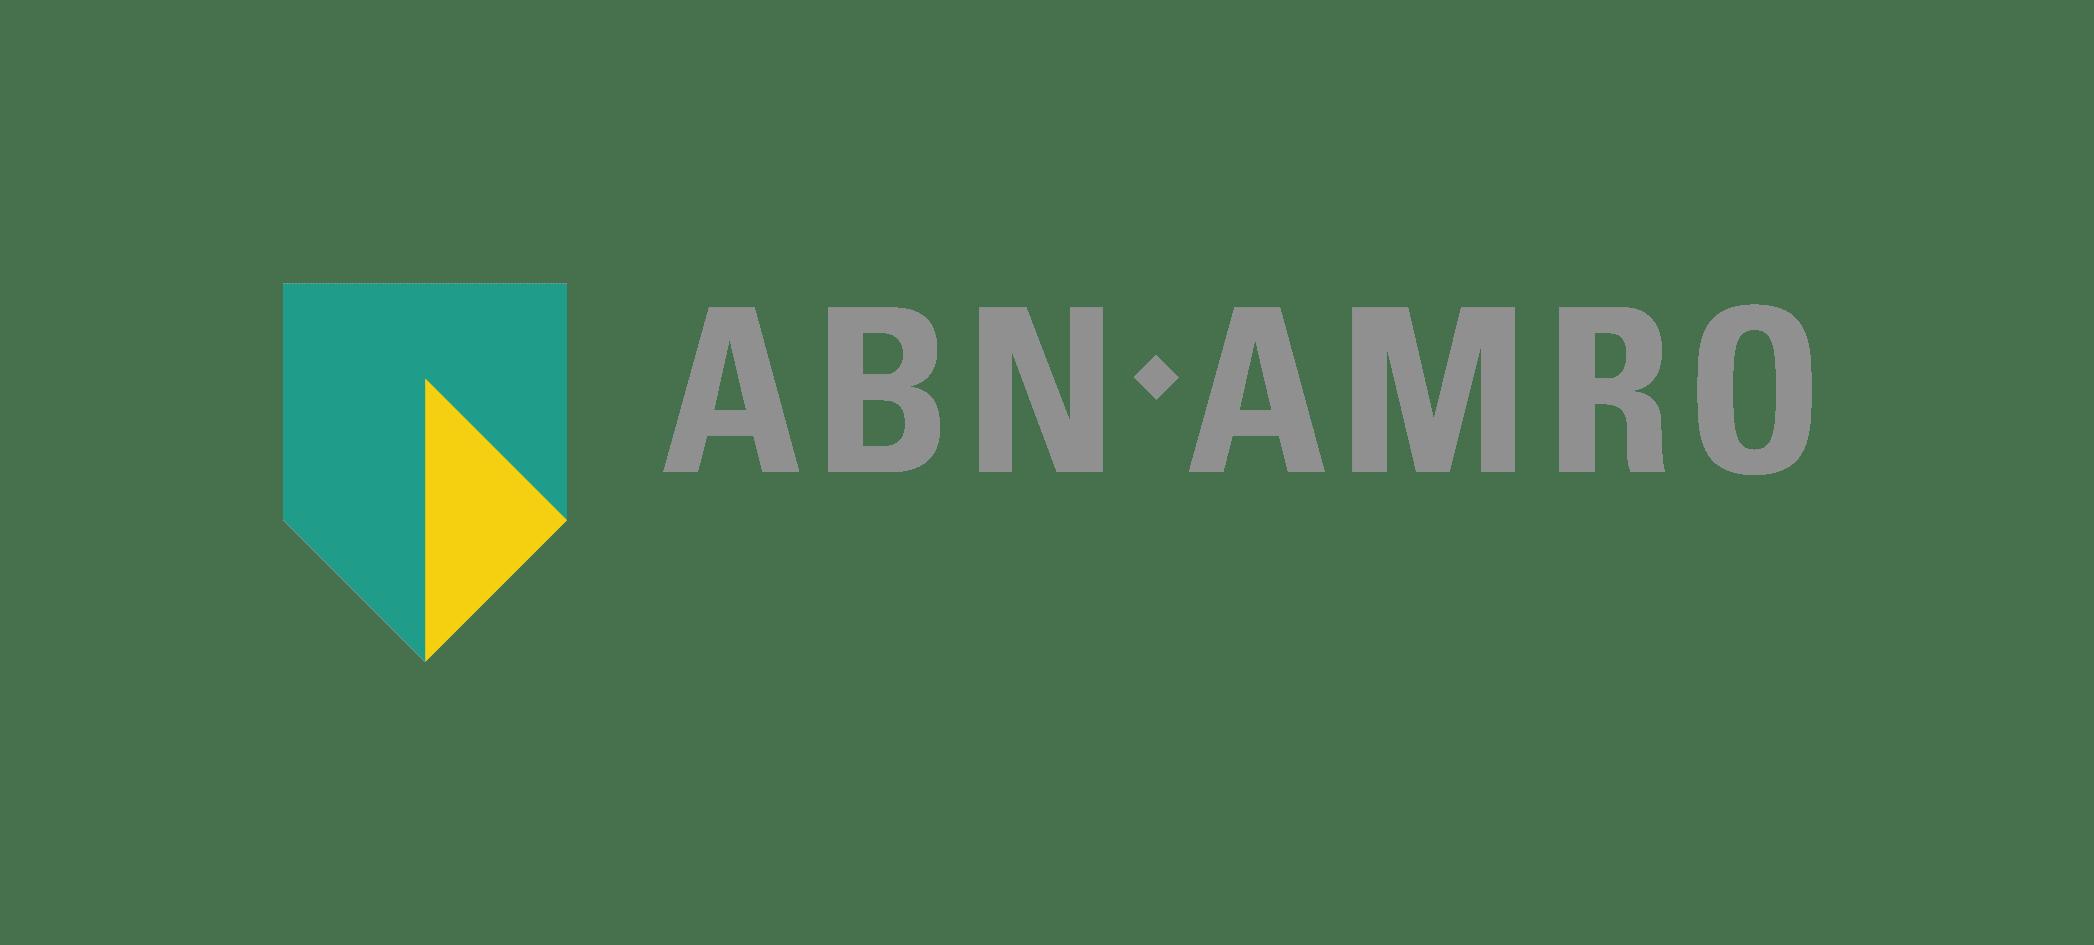 https://ilfu-14c96.kxcdn.com/wp-content/uploads/2020/02/ABNAMRO_F_HR_L.png